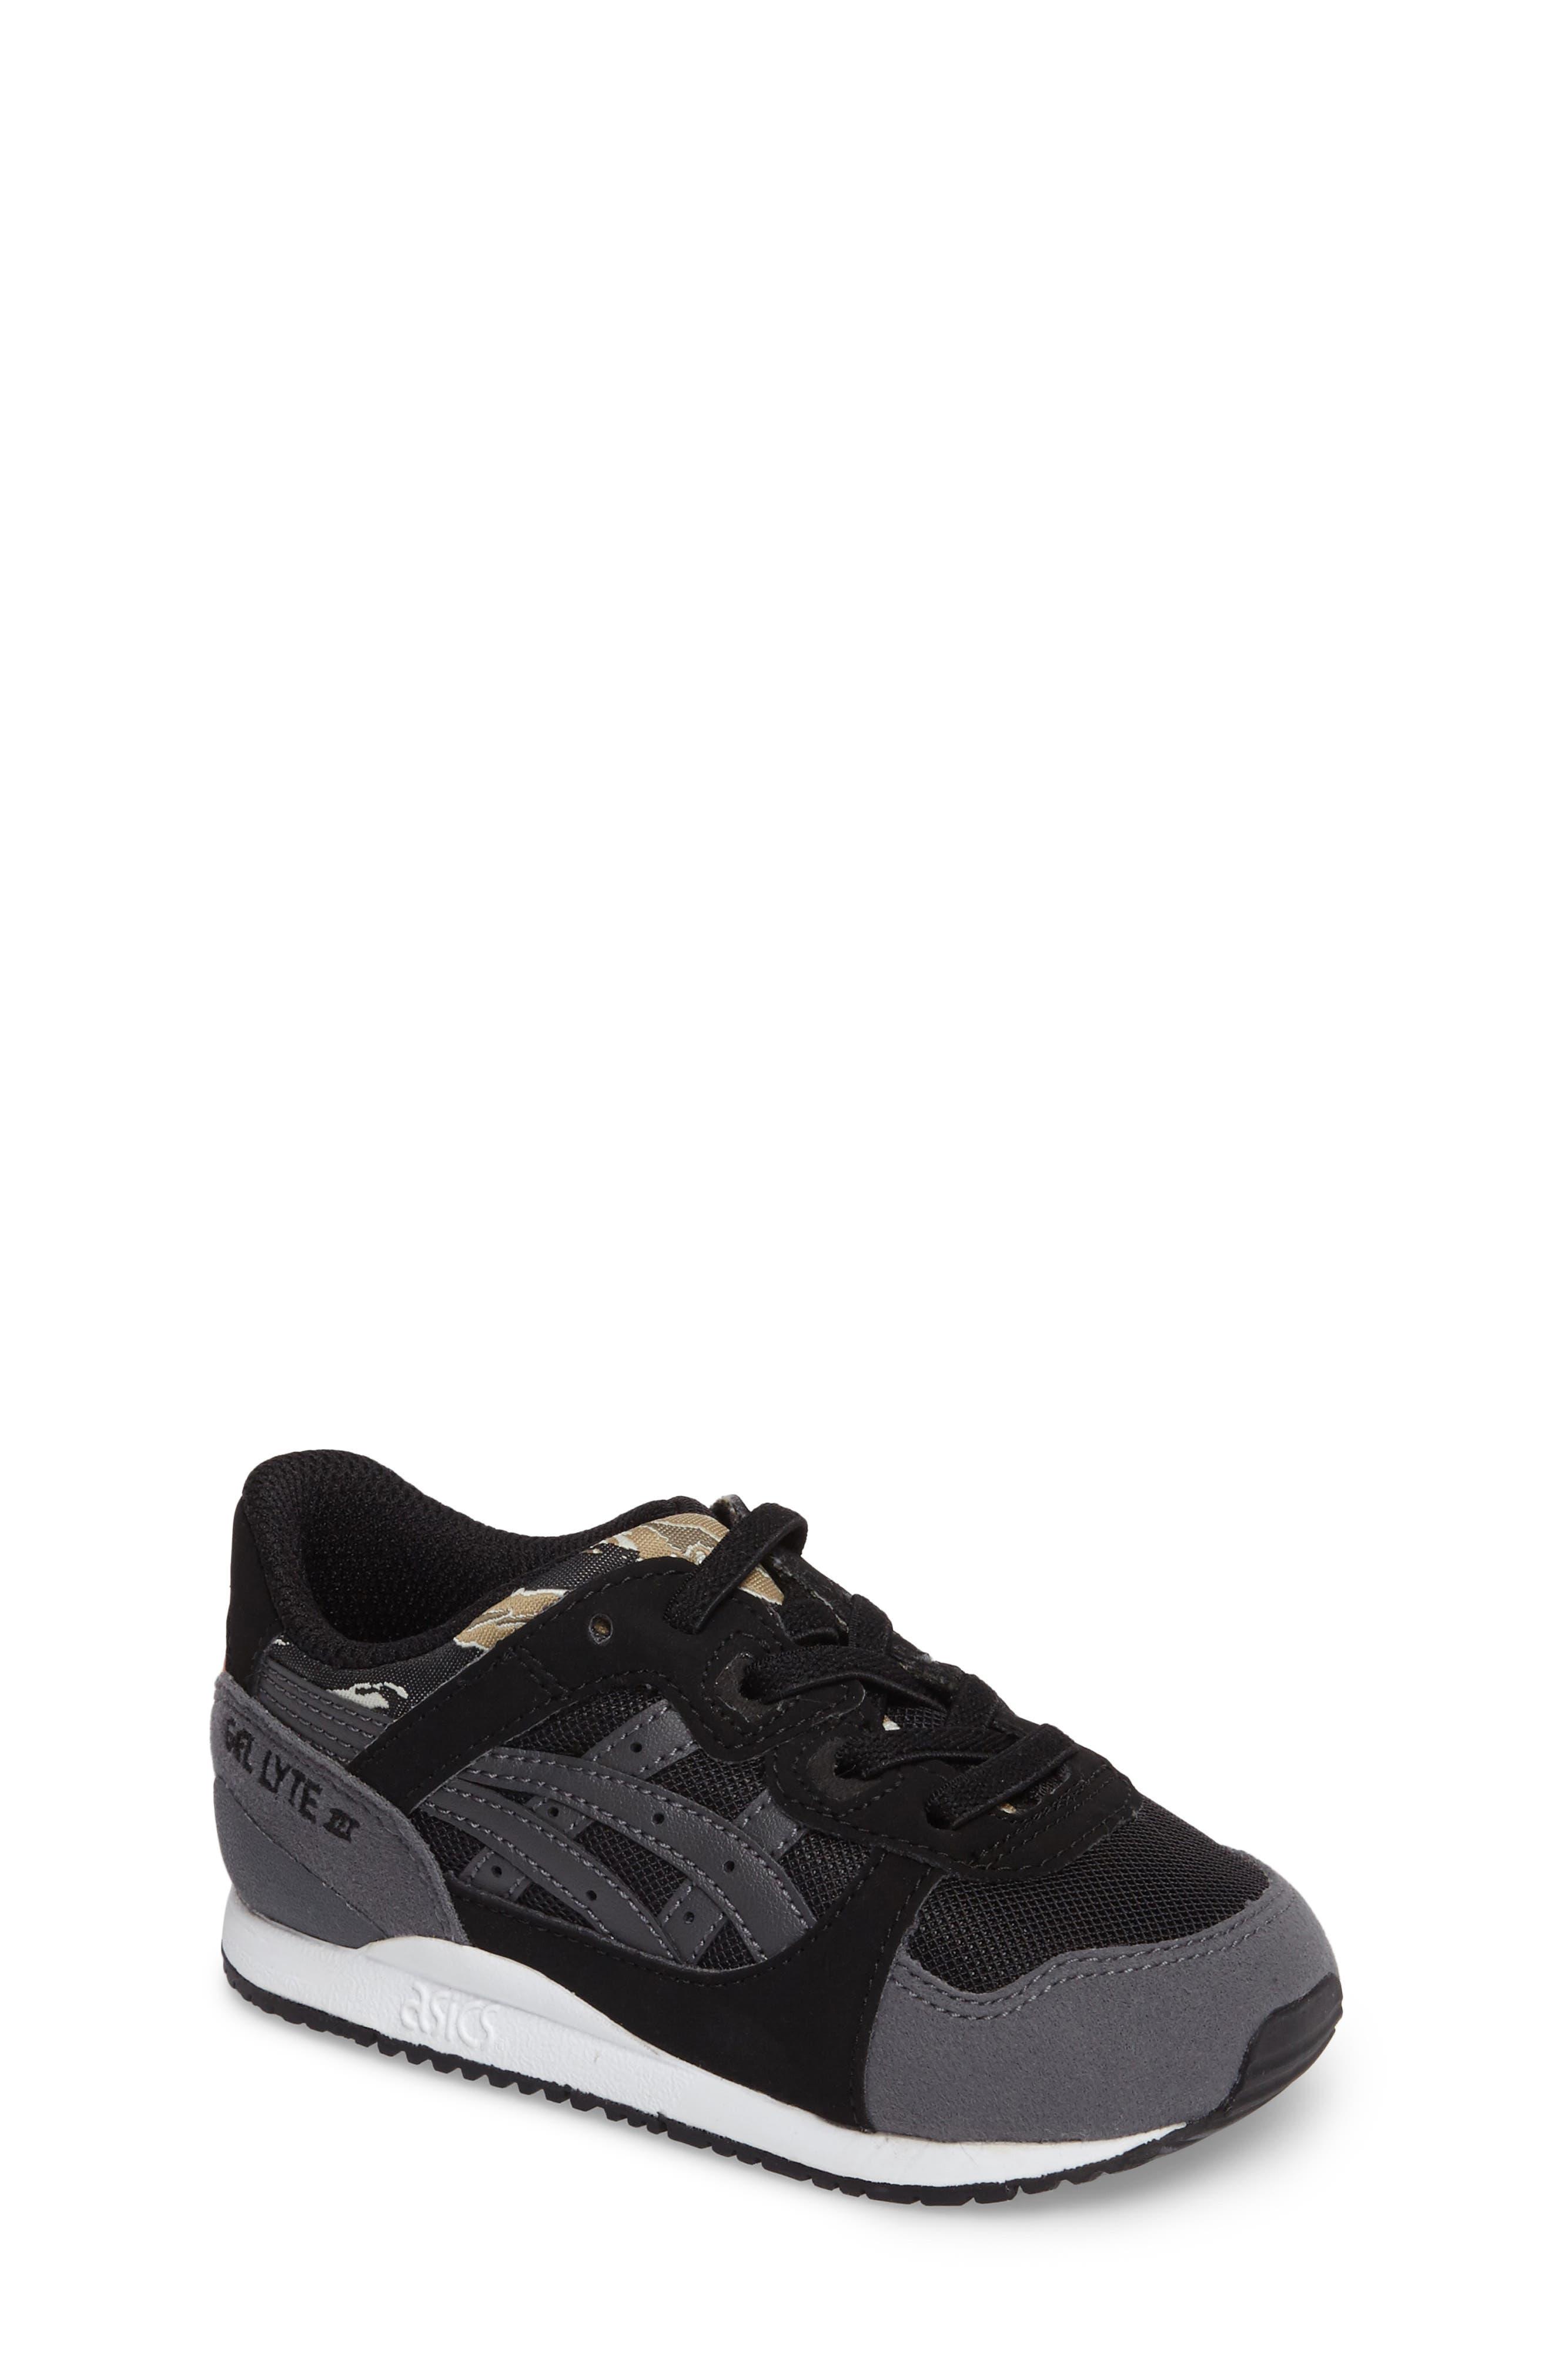 Main Image - ASICS® GEL-LYTE® III TS Slip-On Sneaker (Baby, Walker & Toddler)